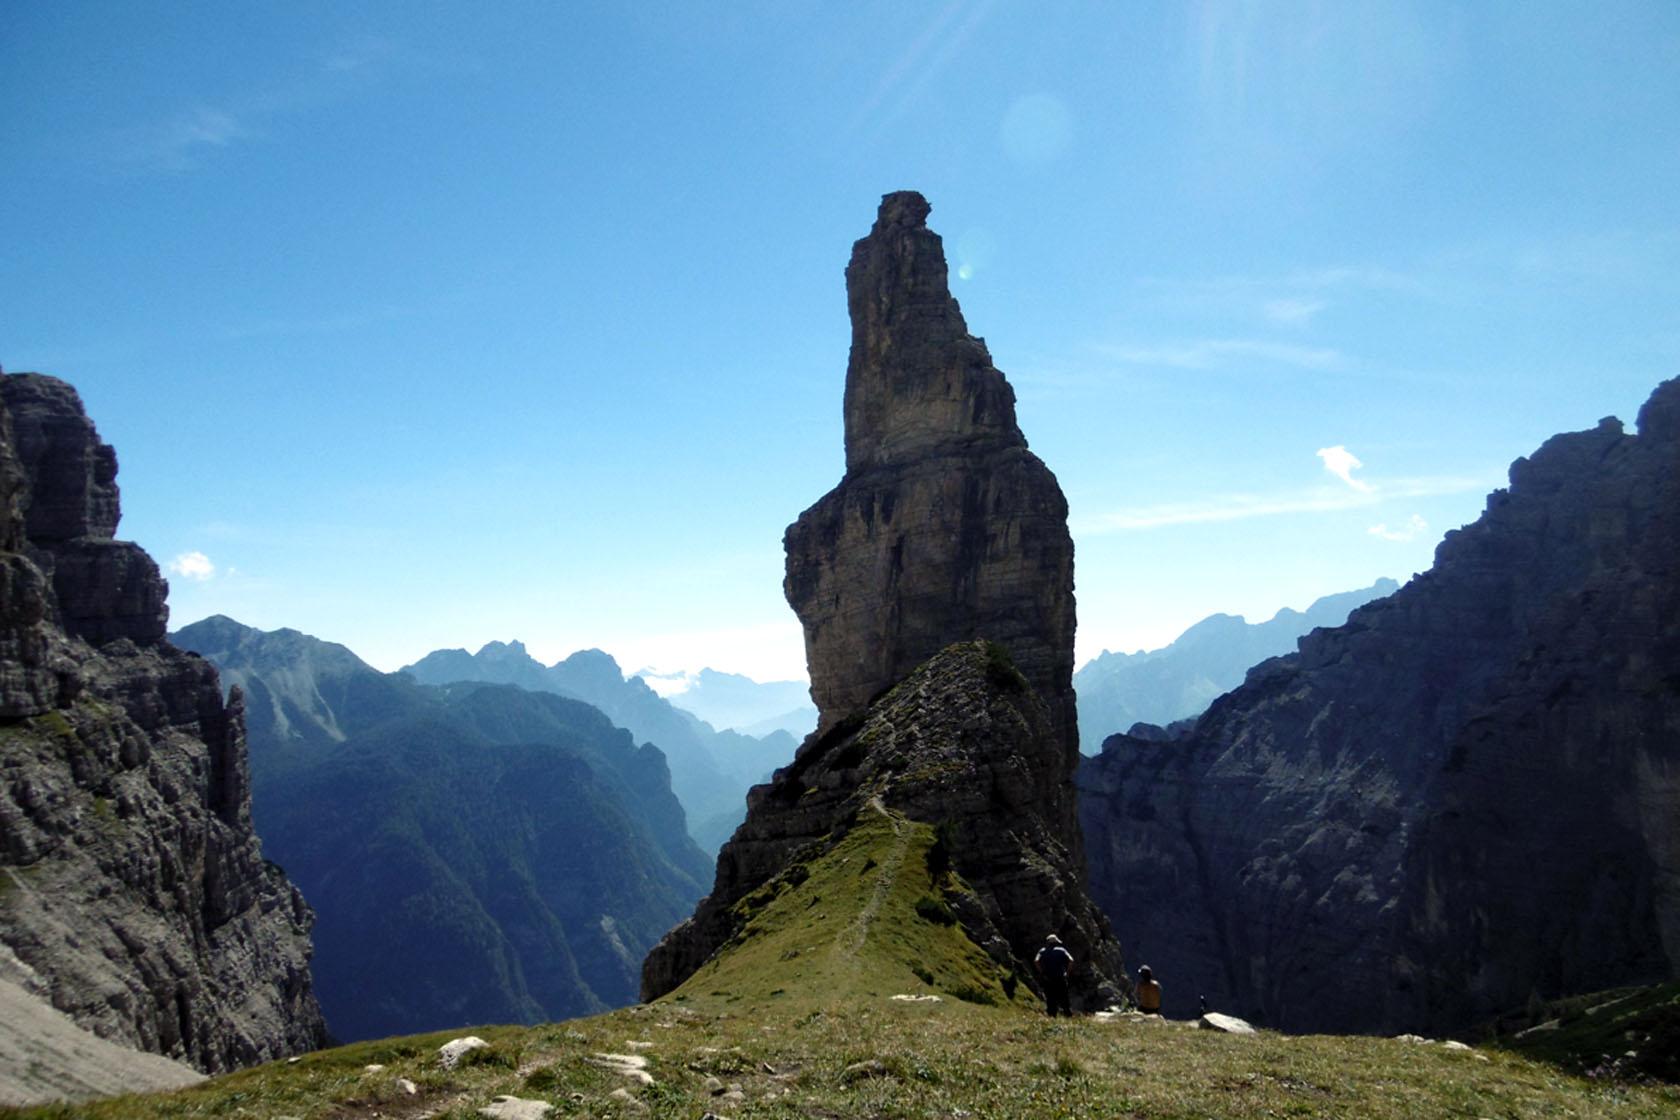 L'incredibile pinnacolo del Campanile di Val Montanaia nelle Dolomiti Friulane